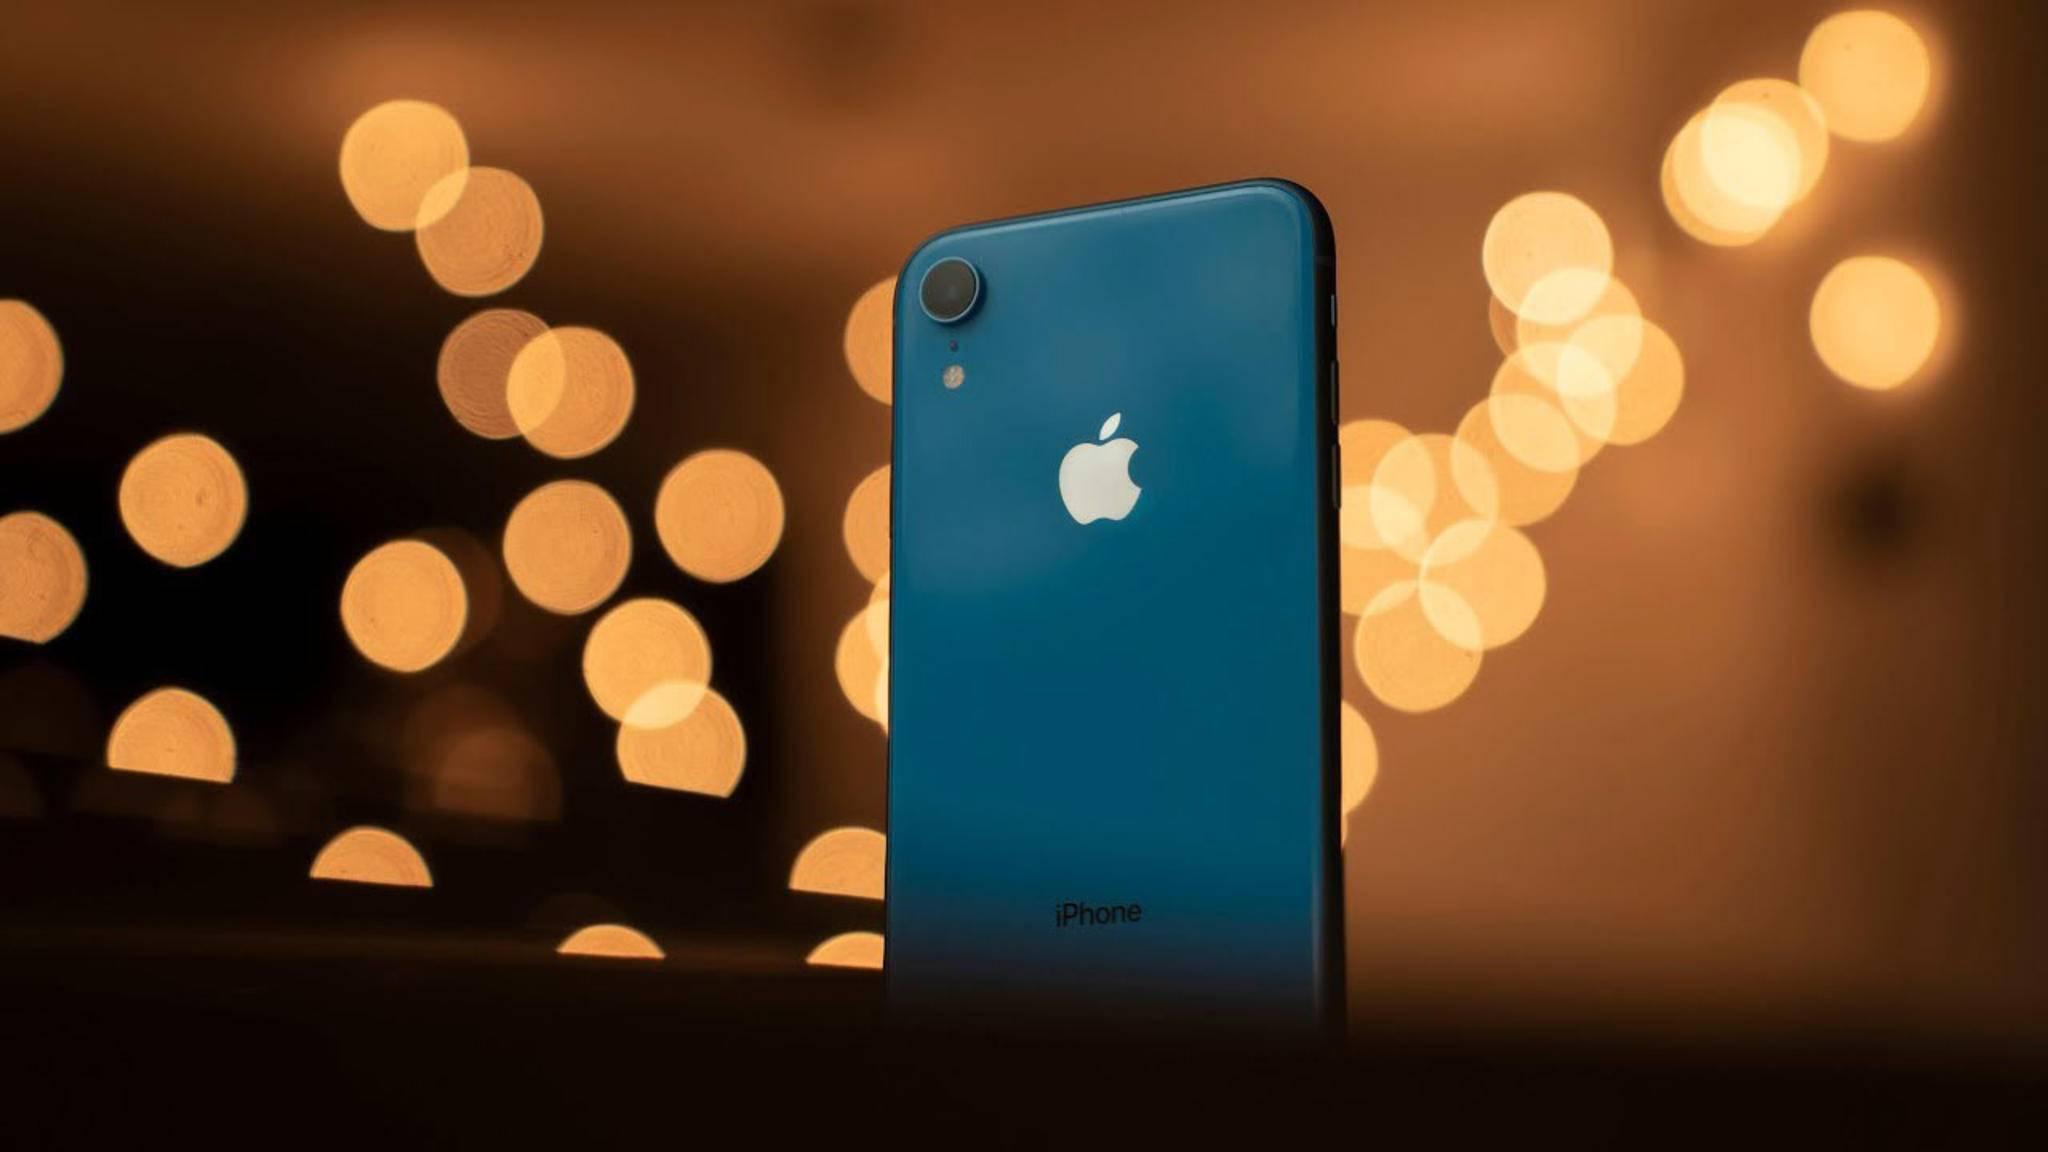 Das iPhone XR bewegt viele Android-Nutzer zum Wechsel.